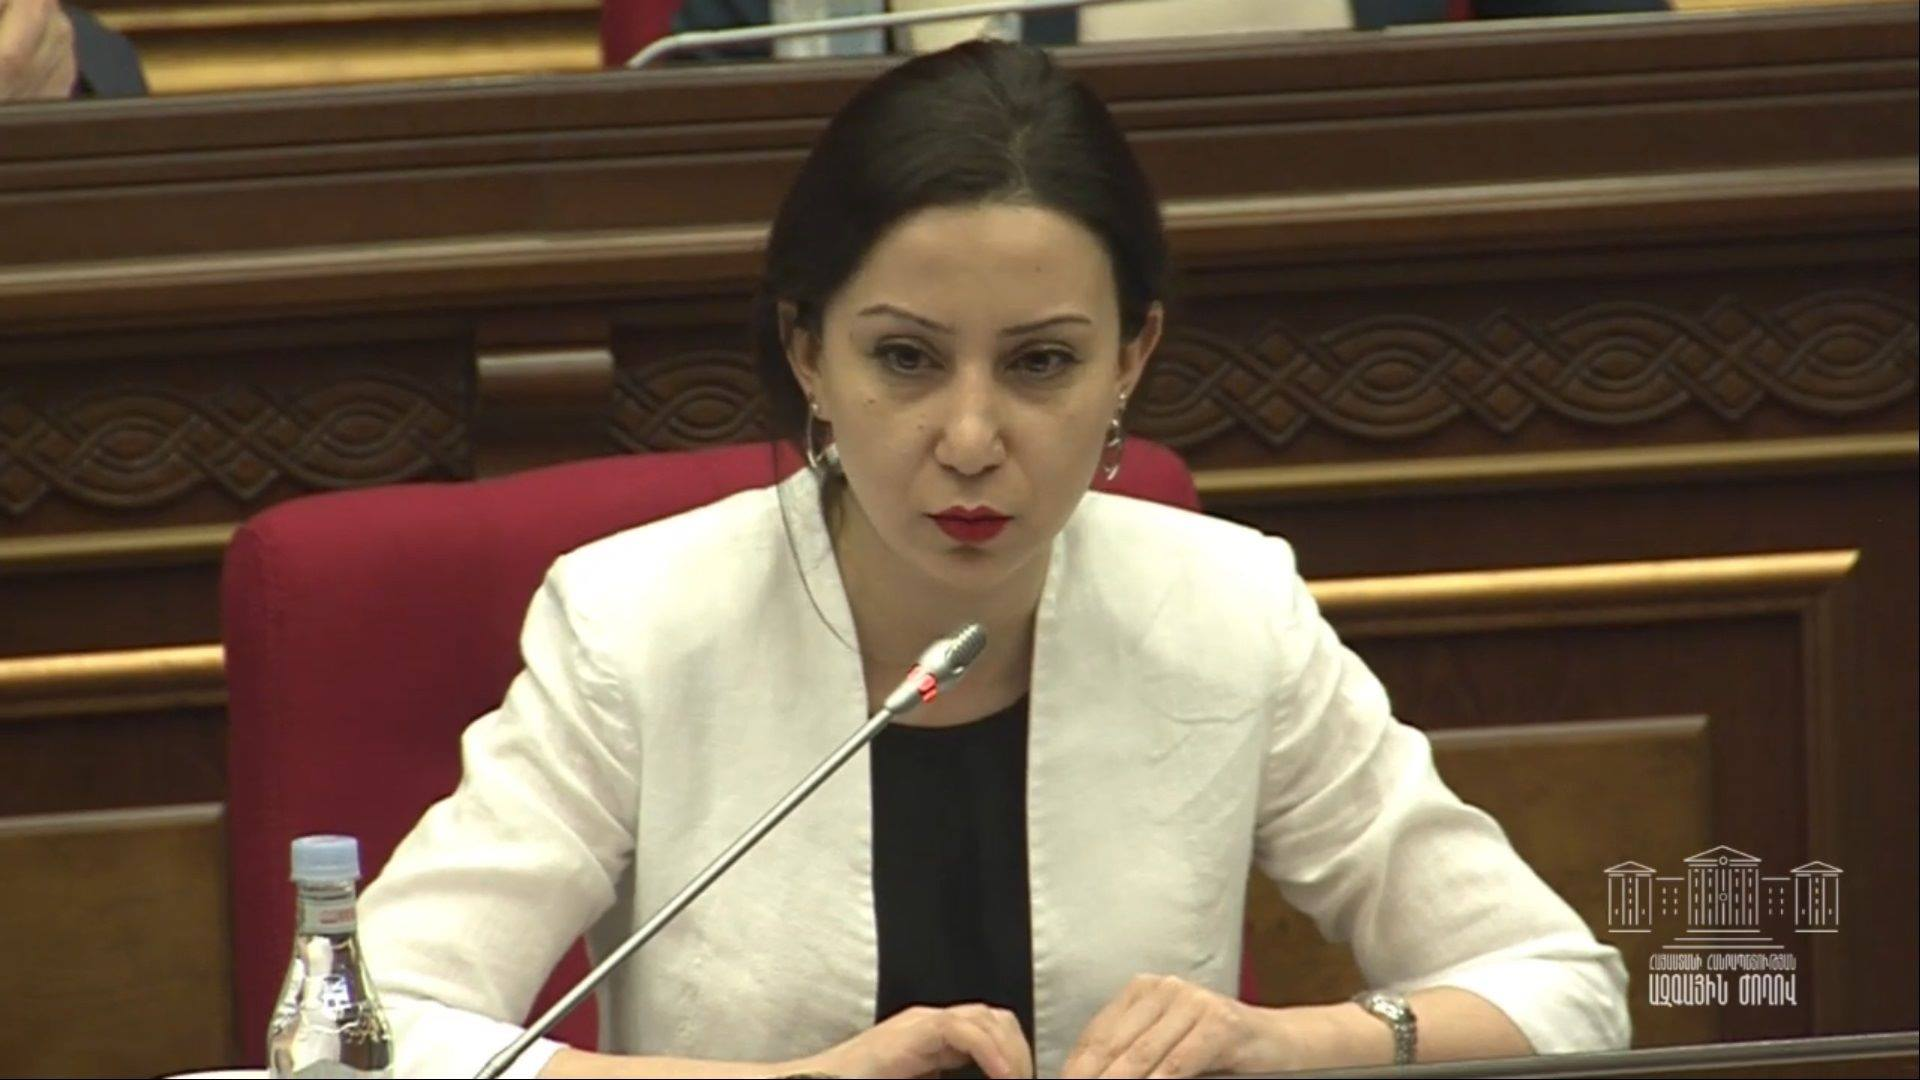 Photo of «Սույն սուբյեկտն այդ ինչպե՞ս է վստահ, որ հայ ռազմագերիներին լավ են վերաբերվում. գաղտնի այց է կատարե՞լ թուրքին  նվիրած հողերով»